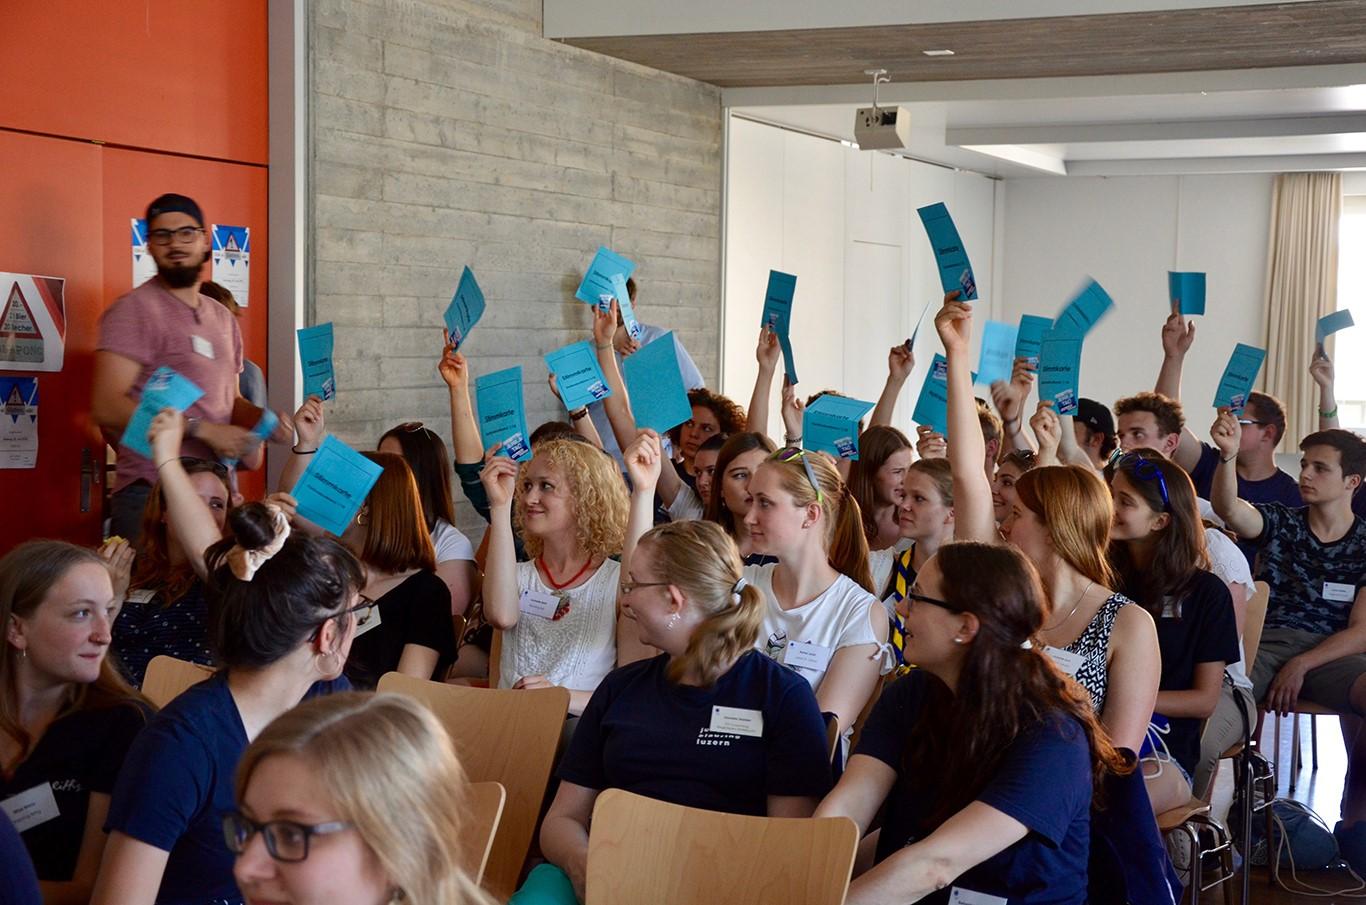 An einer Kantonskonferenz kommen verschiedene Meinungen und Ideen, kommen Menschen zusammen. | © Jungwacht Blauring Kanton Luzern